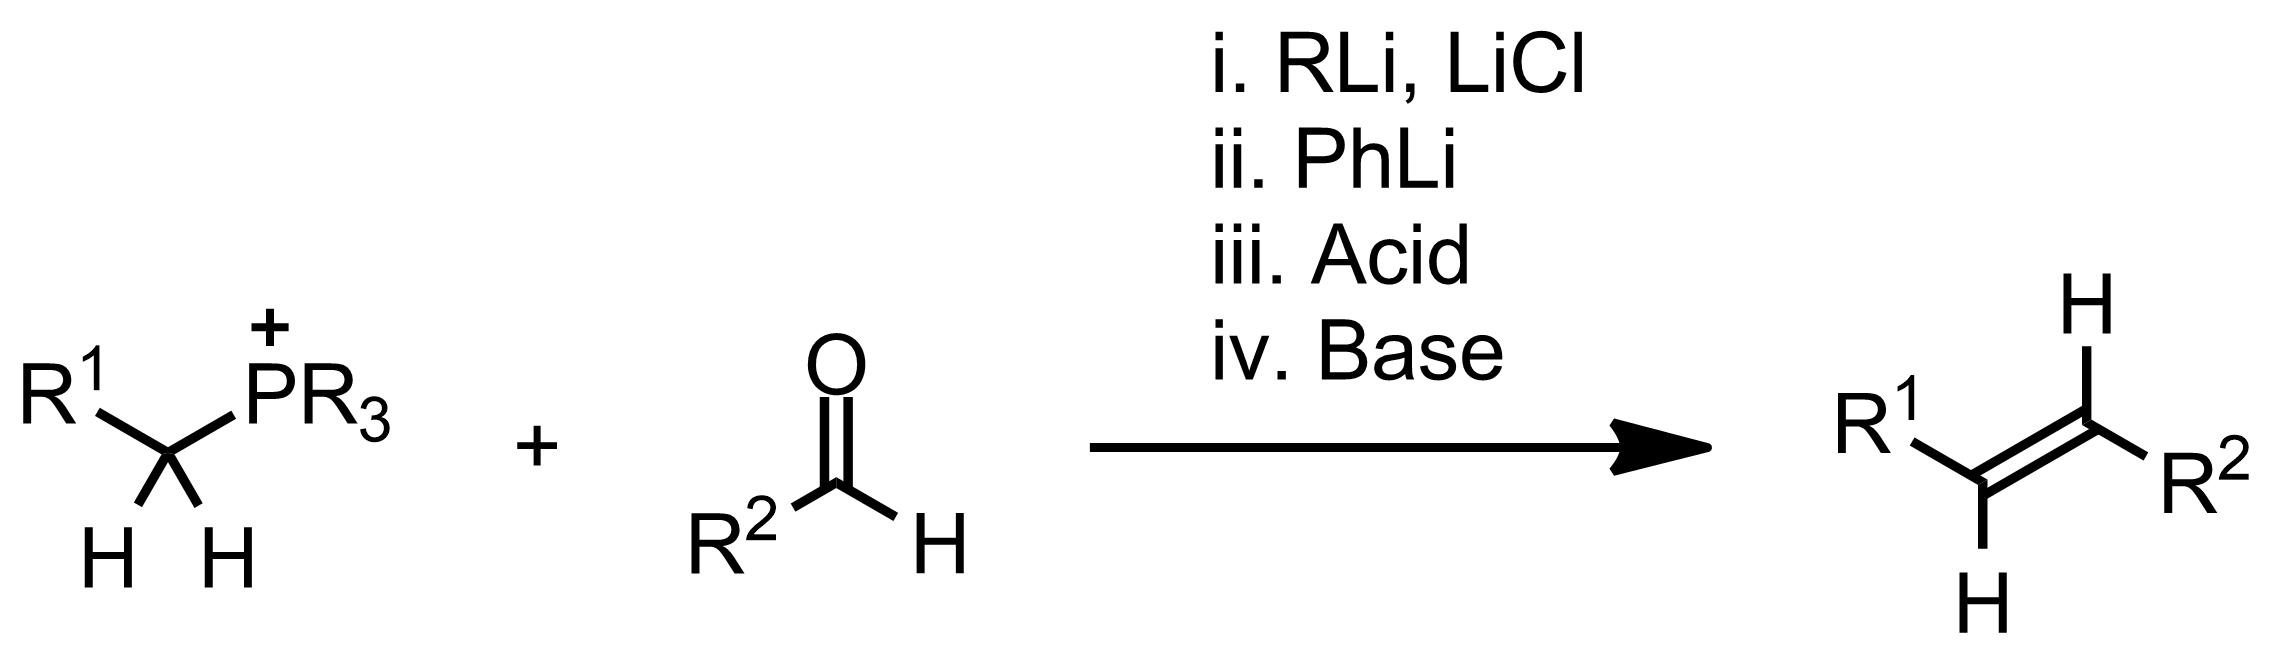 Schematic representation of the Schlosser Modification.